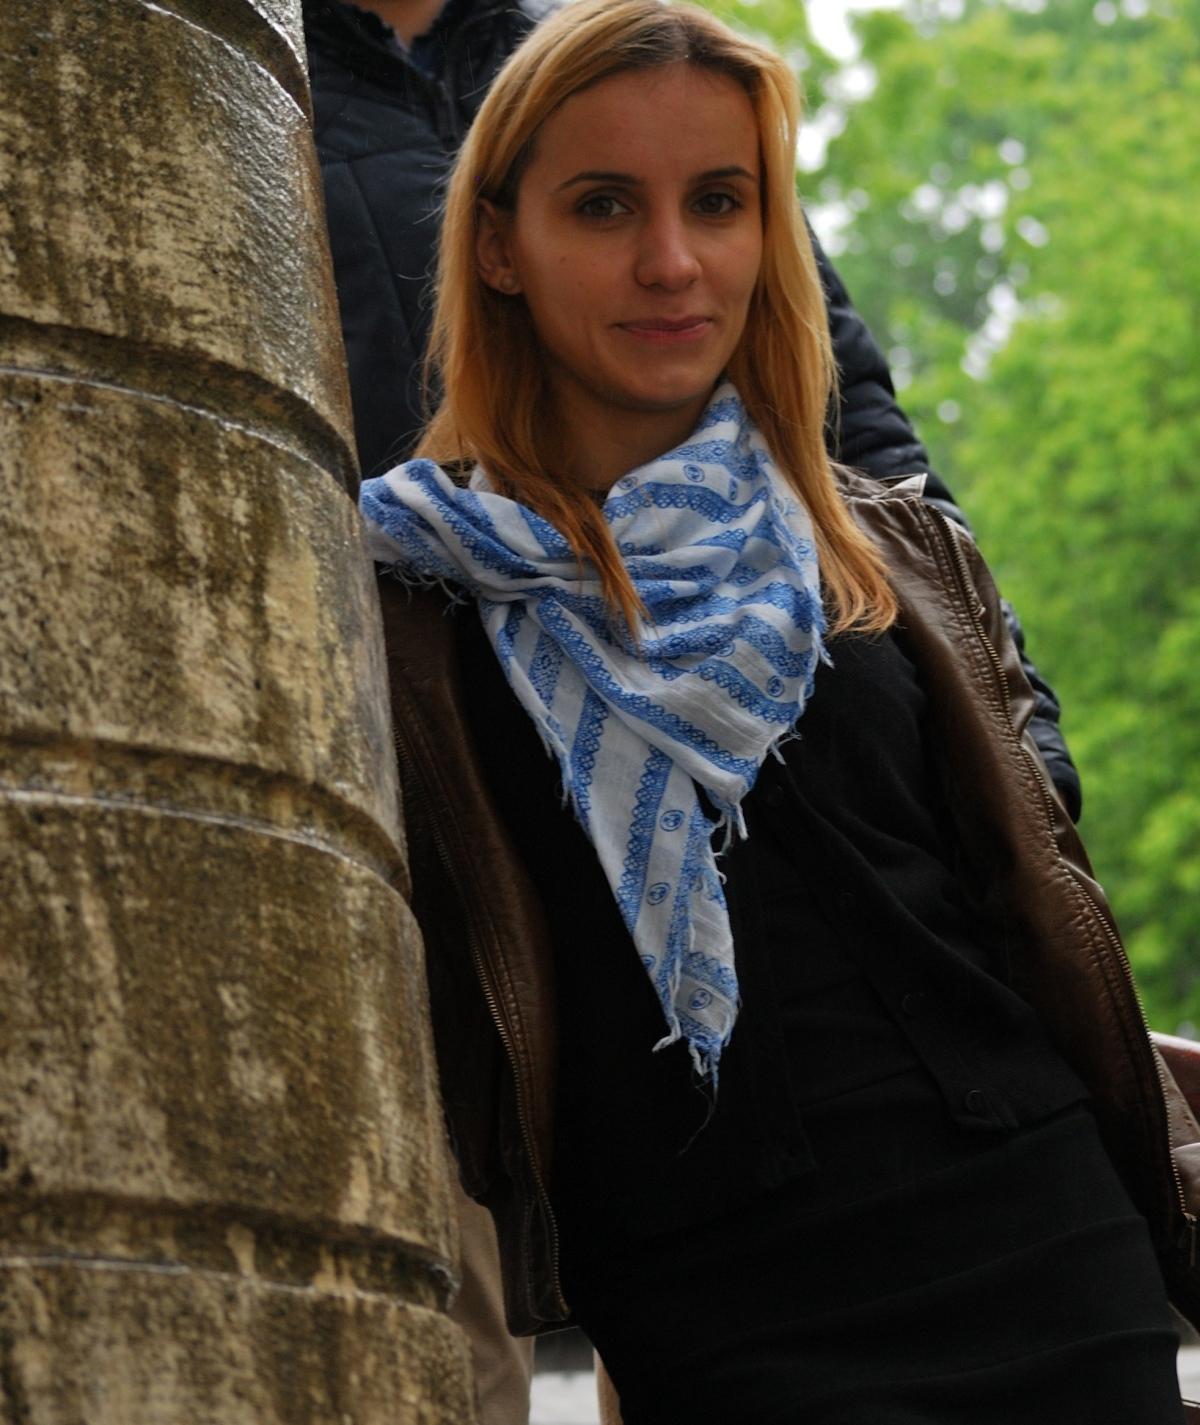 Nicoleta Hrihorov